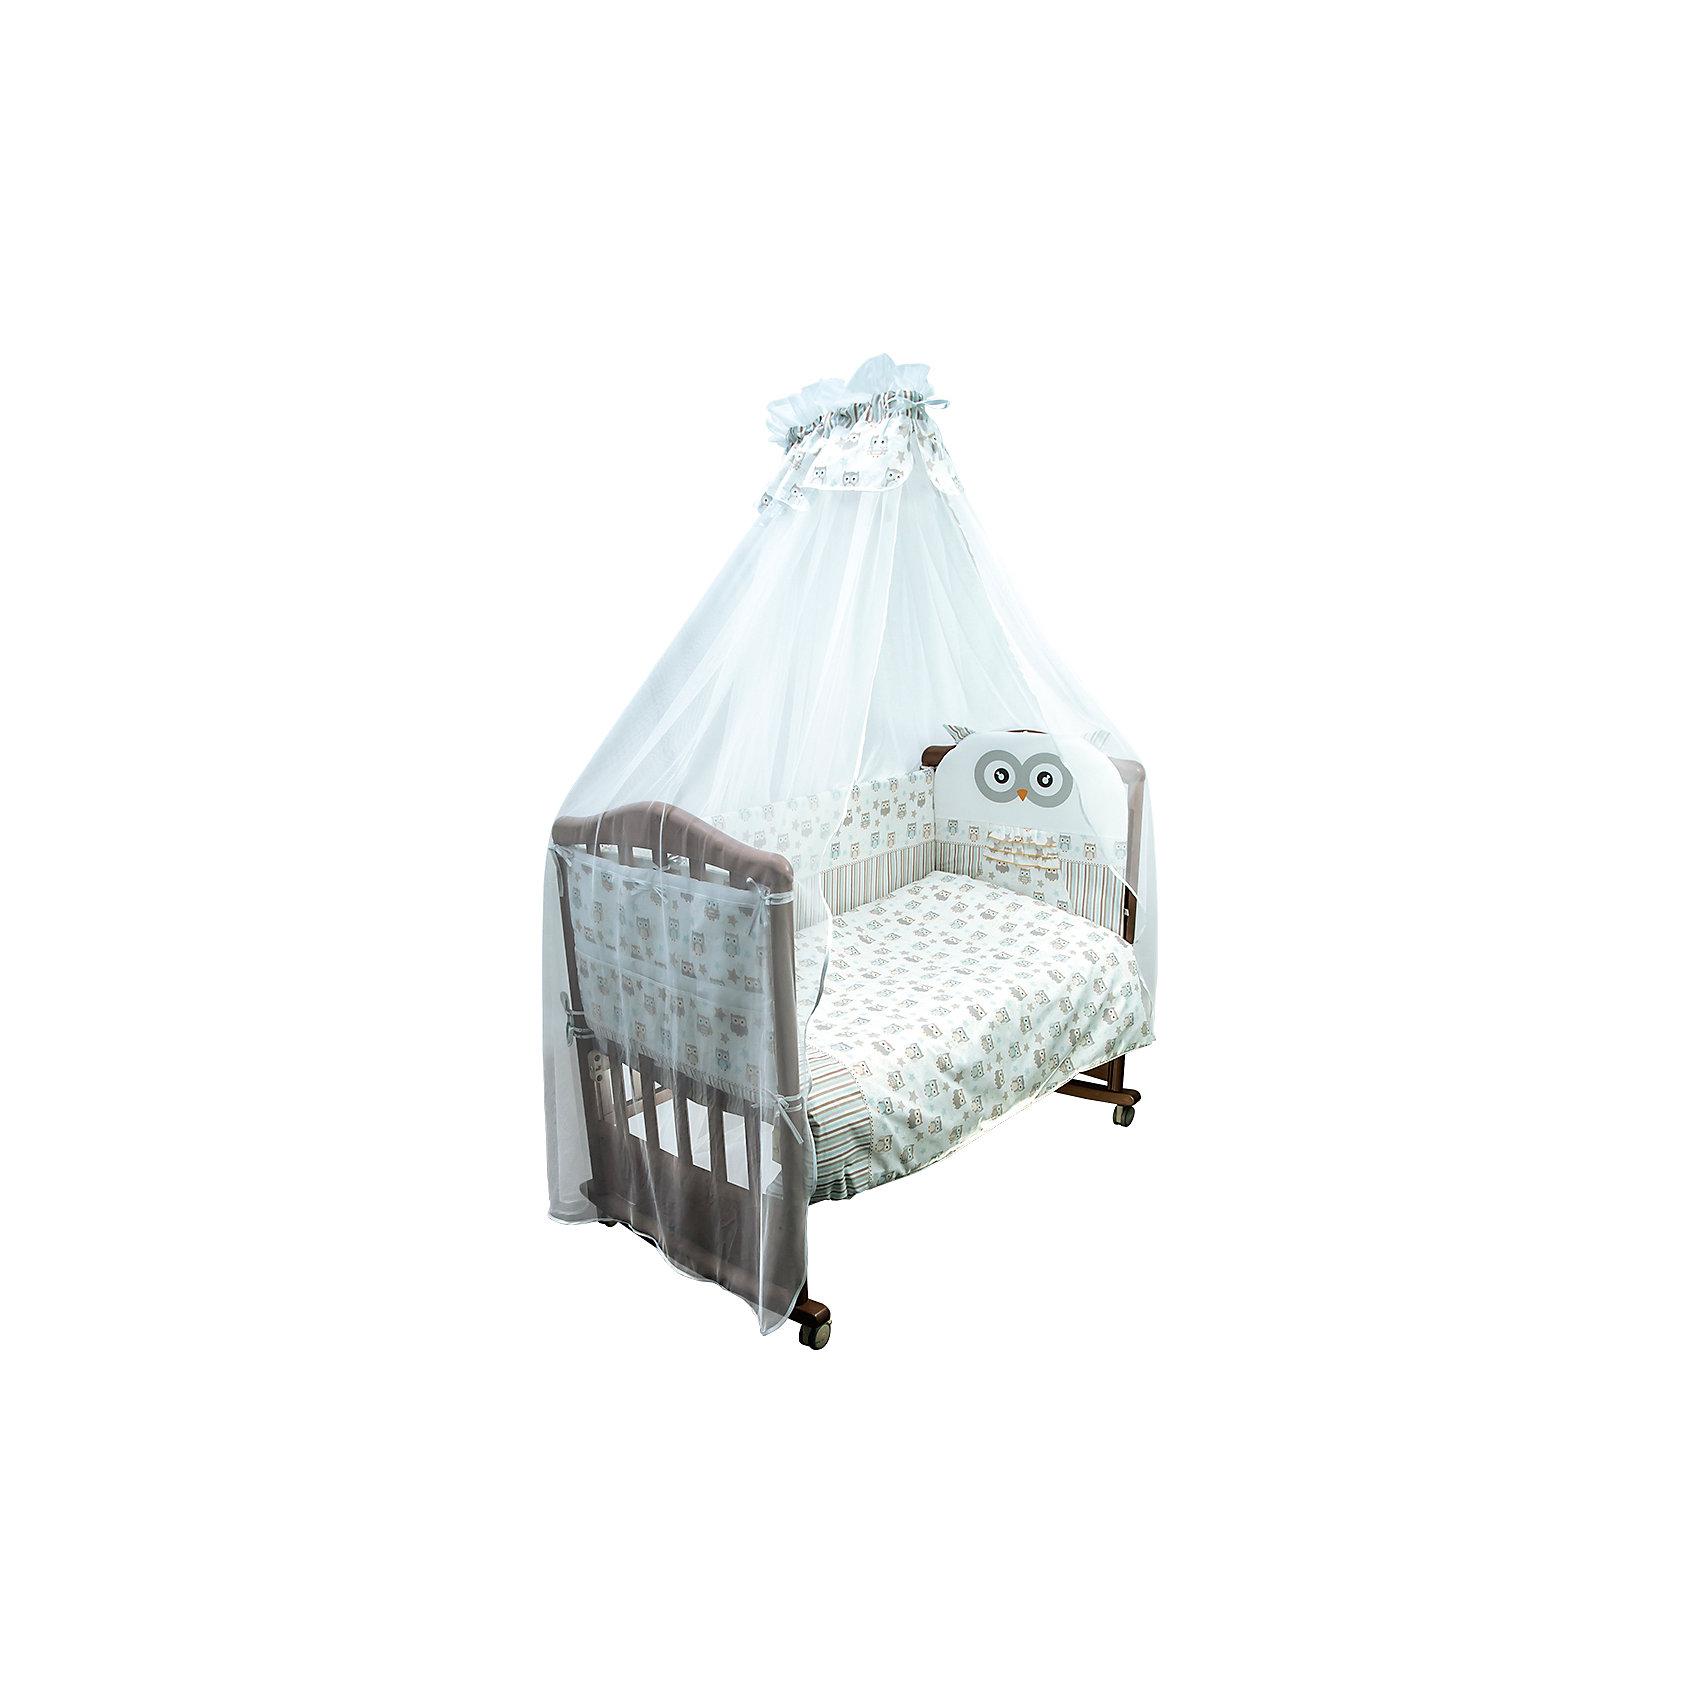 Постельное белье Софушки 7 пред + подарок, Сонный гномикПостельное белье Совушки 7 предм.+подарок, Сонный гномик состоит из постельных принадлежностей, необходимых для детской кроватки: одеяло, подушка, простынь, пододеяльник, наволочка, бортики и балдахин. Комплект подходит для кроваток любого типа стандартного размера 120*60 см. Все изделия комплекта выполнены из бязи высокого качества, которая сохраняет длительное время цвет и форму даже при частых стирках. Кроме того, бязь является экологически безопасным материалом, что делает ее незаменимой для изготовления постельного белья для детей всех возрастов.  В одеяле и подушке в качестве наполнителя использован холлофайбер, который обладает высокой воздухопроницаемостью, водоотталкивающими и гипоаллергенными свойствами. Бортик для кроватки состоит из четырех частей, которые крепятся за счет завязок. Балдахин выполнен из тончайшей сетки. Комплект выполнен в нежно бежевом цвете, украшен принтом из совят. В качестве подарка к комплекту прилагается карман на кроватку, выполненный в том же стиле, что и весь комплект. Карман состоит из 6-ти отделений, к бортику кроватки крепится за счет завязок.<br>Постельное белье Совушки 7 предм.+подарок, Сонный гномик обеспечит ребенку крепкий, здоровый и безопасный сон. <br><br>Дополнительная информация:<br><br>- Предназначение: для детской кроватки<br>- Комплектация: одеяло и пододеяльник (110*140 см), подушка и наволочка (40*60 см), простынь (100*140 см), бортики из четырех частей и балдахин (4 м), карман на кроватку<br>- Материал: бязь, полиэстер (балдахин)<br>- Наполнитель: холлофайбер<br>- Пол: для мальчика/для девочки<br>- Цвет: бежевый, голубой, белый, серый<br>- Размеры упаковки (Д*Ш*В): 65*20*50 см<br>- Вес: 3 кг 300 г<br>- Особенности ухода: разрешается стирка при температуре не более 40 градусов<br><br>Подробнее:<br><br>• Для детей в возрасте от 0 месяцев и до 4 лет<br>• Страна производитель: Россия<br>• Торговый бренд: Leader kids<br><br>Постельное белье Совушки 7 предм.+по